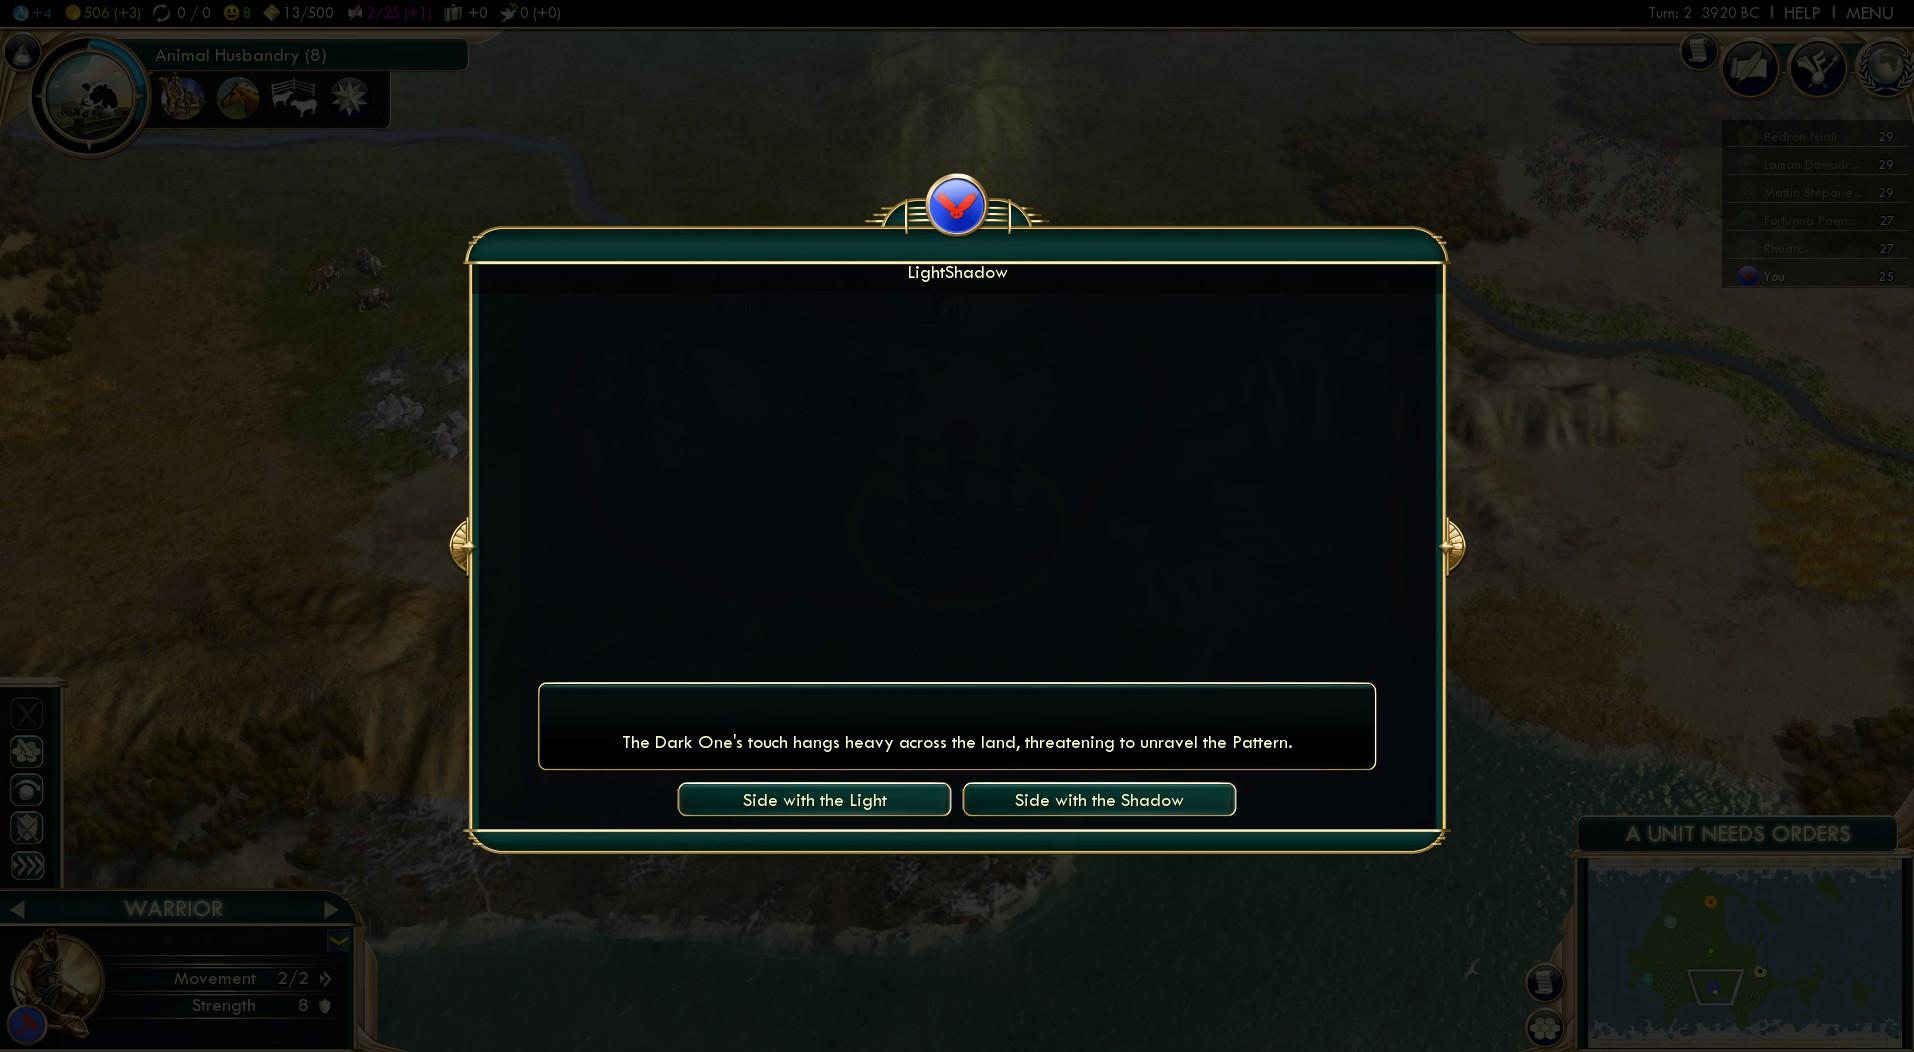 Civ V Firetuner Download Games - programtattoo